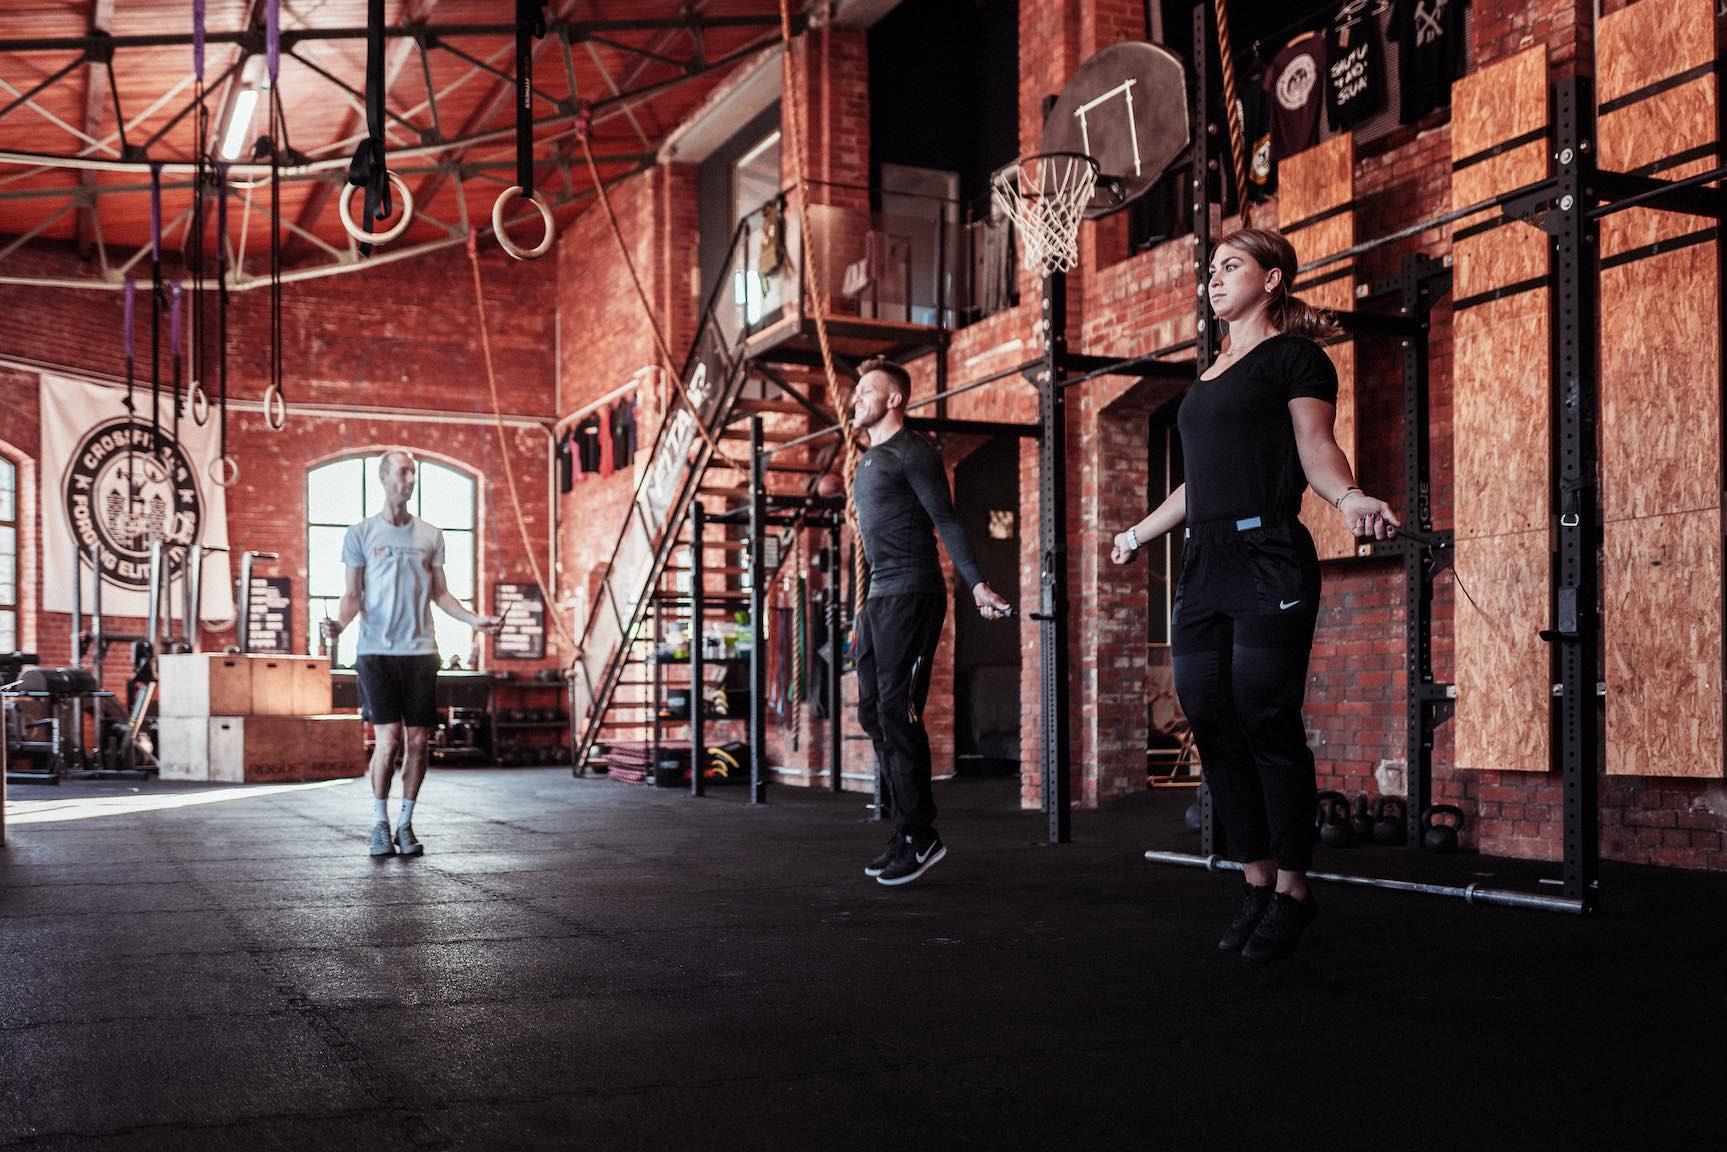 Athletiktraining-Kraftraining-Seilspringen